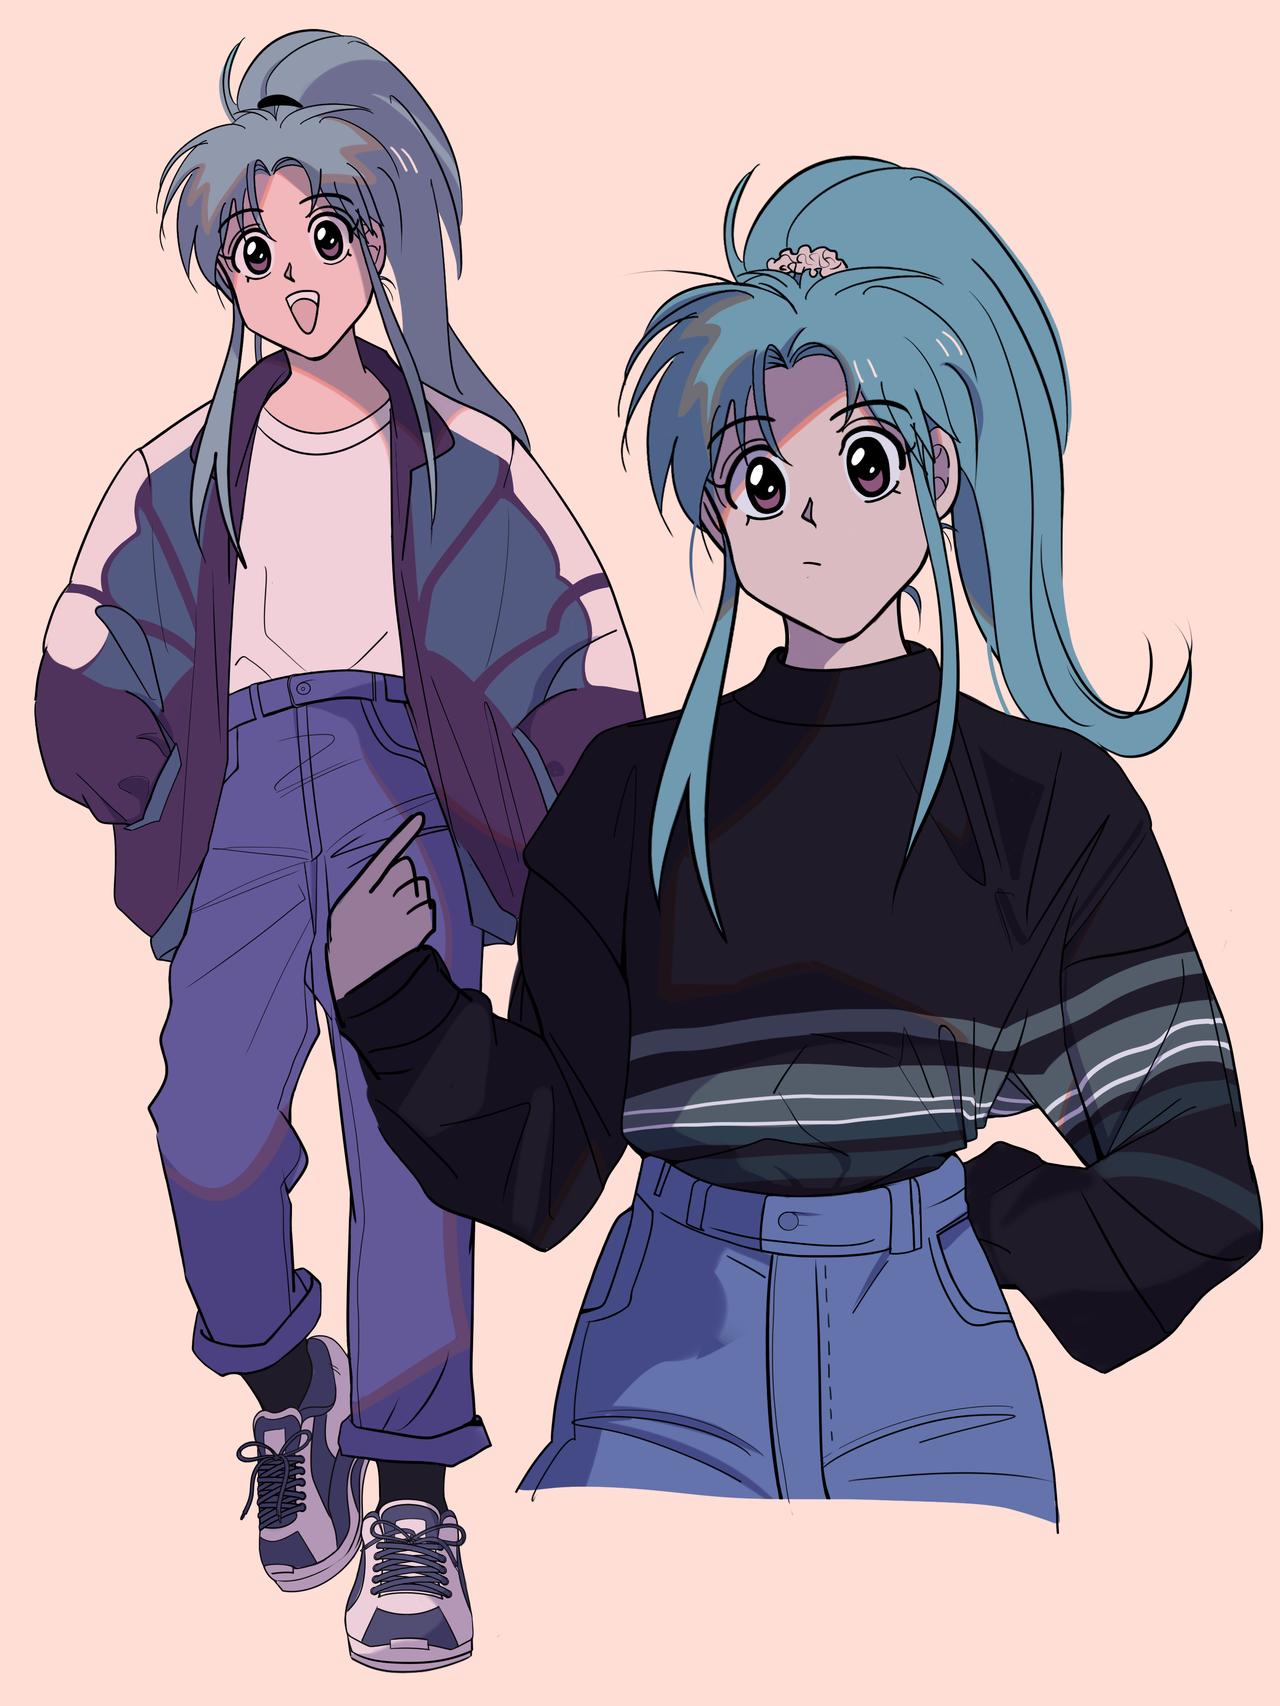 V087 90 S Mood Anime Old Anime Manga Anime